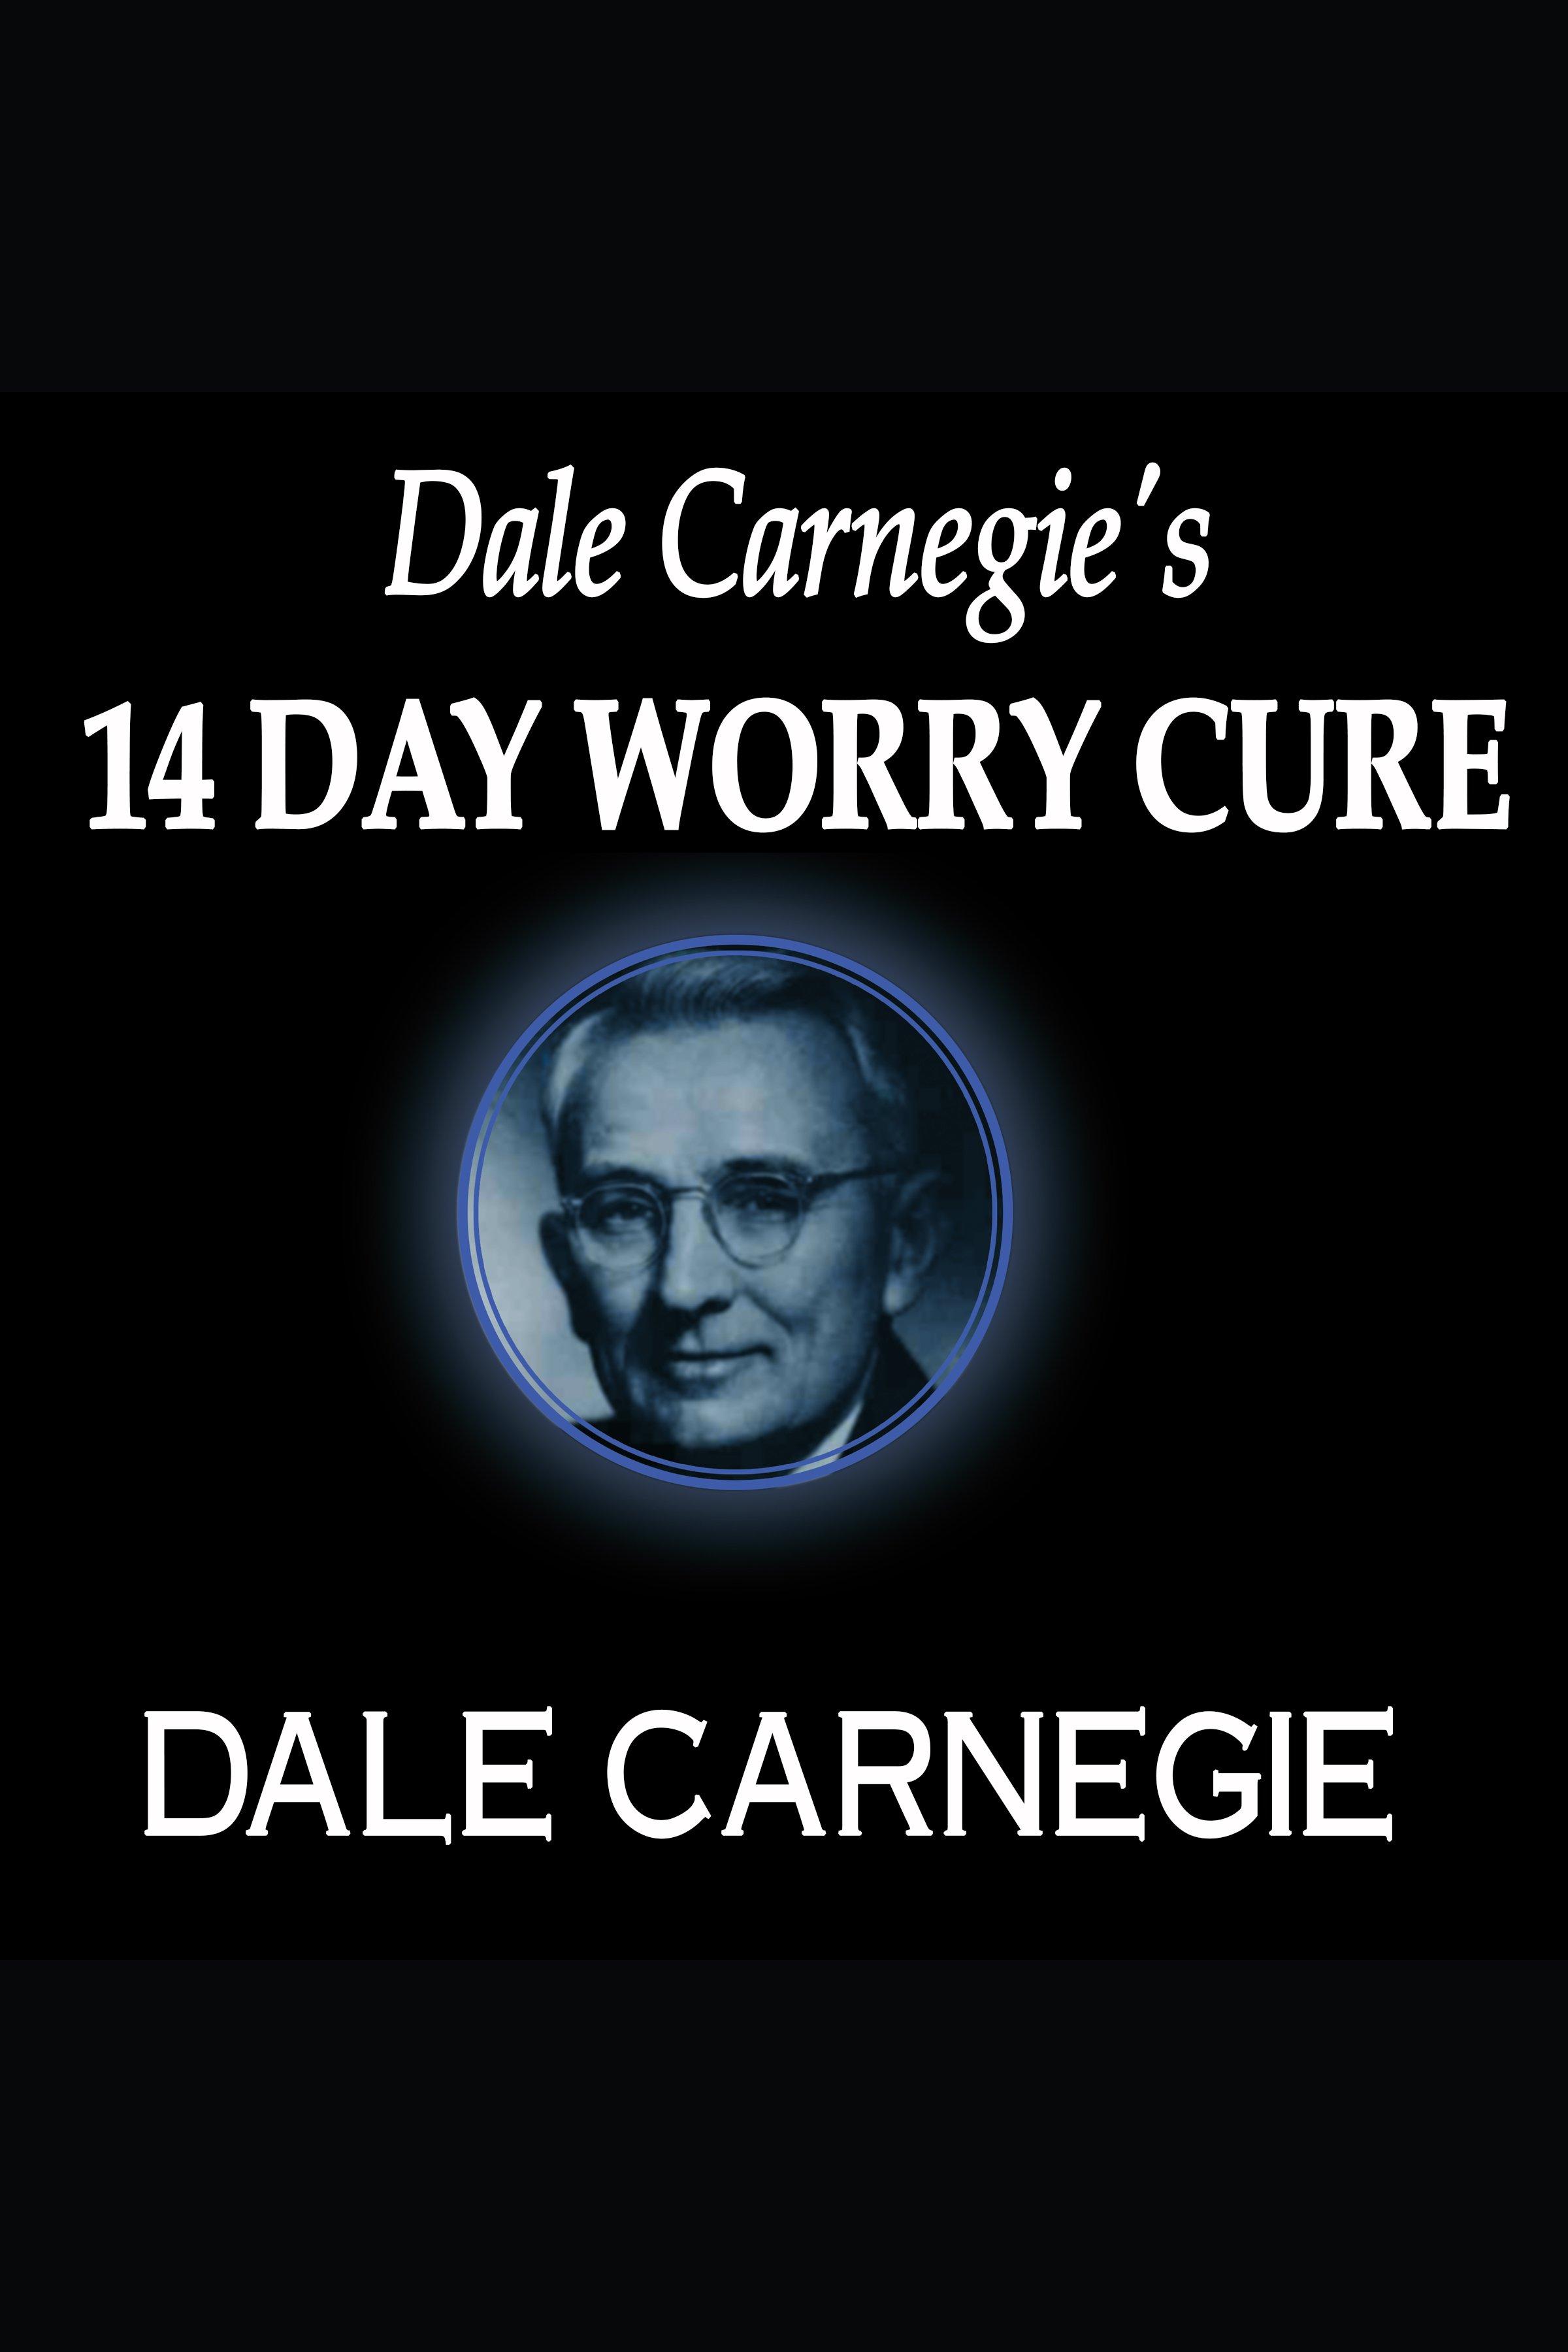 Esta es la portada del audiolibro Dale Carnegie's 14-Day Worry Cure